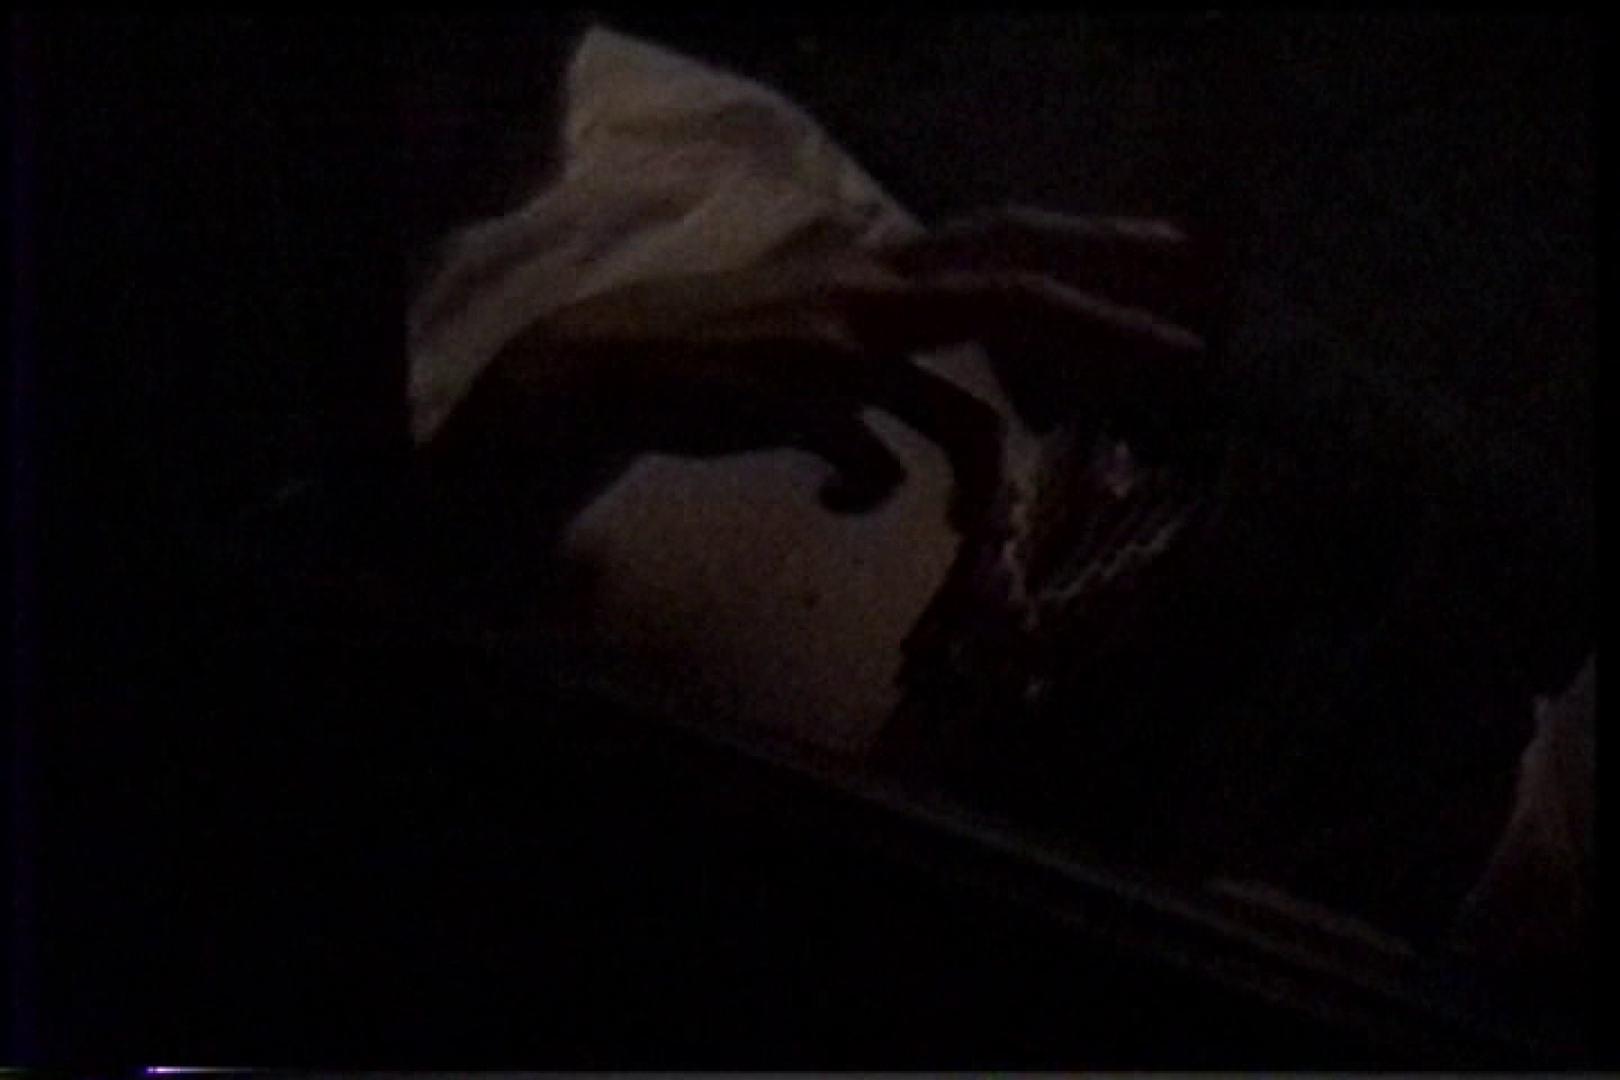 充血監督の深夜の運動会Vol.206 チクビ オマンコ無修正動画無料 100連発 19